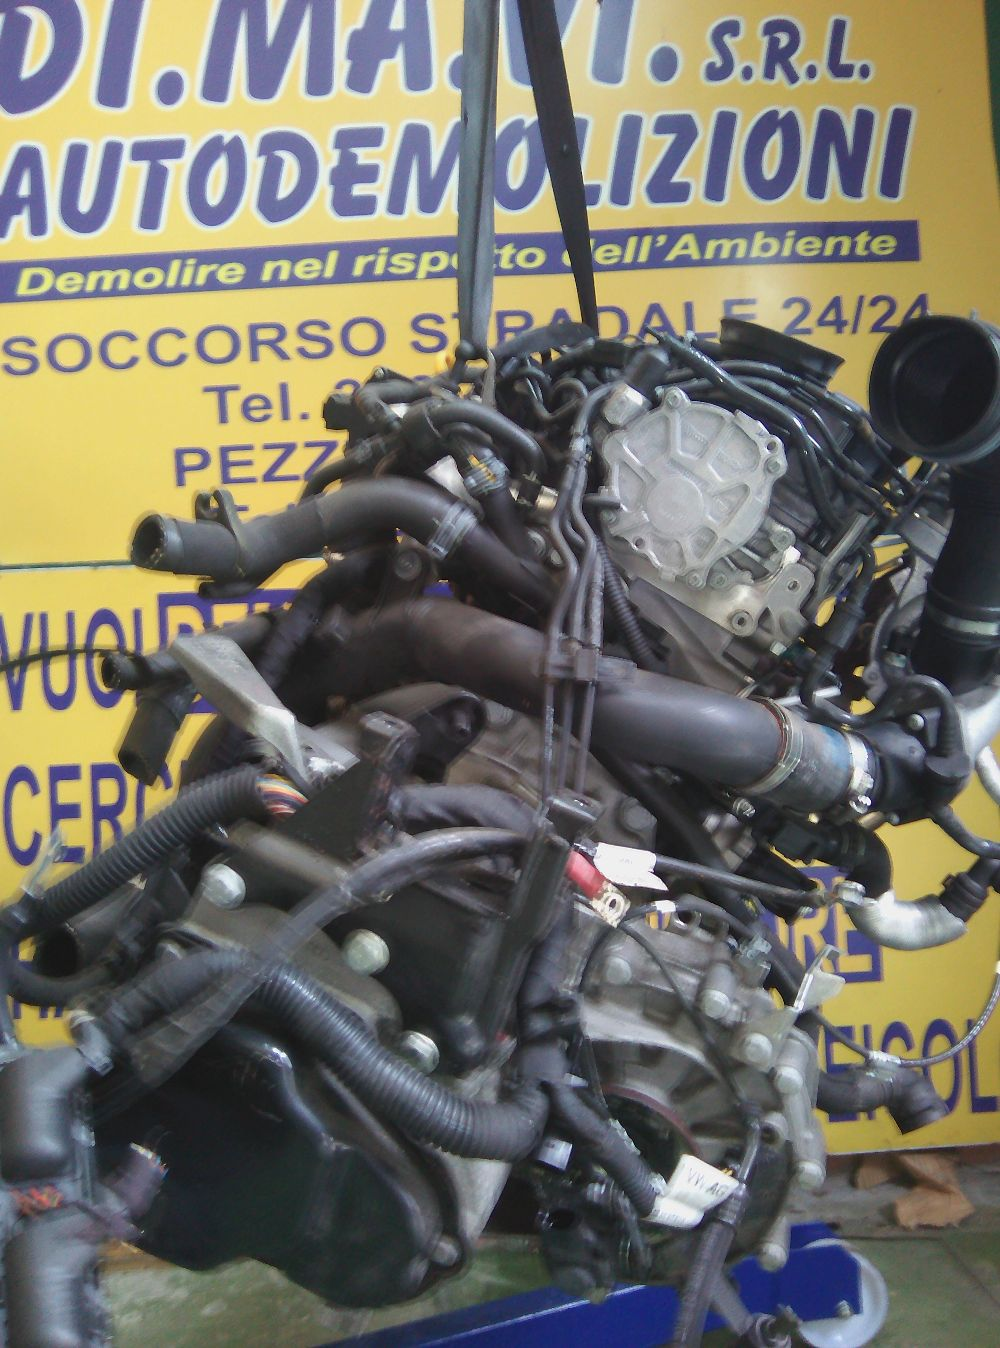 Motore Da Audi  A1 del 2014 1500cc.  Usato da autodemolizione